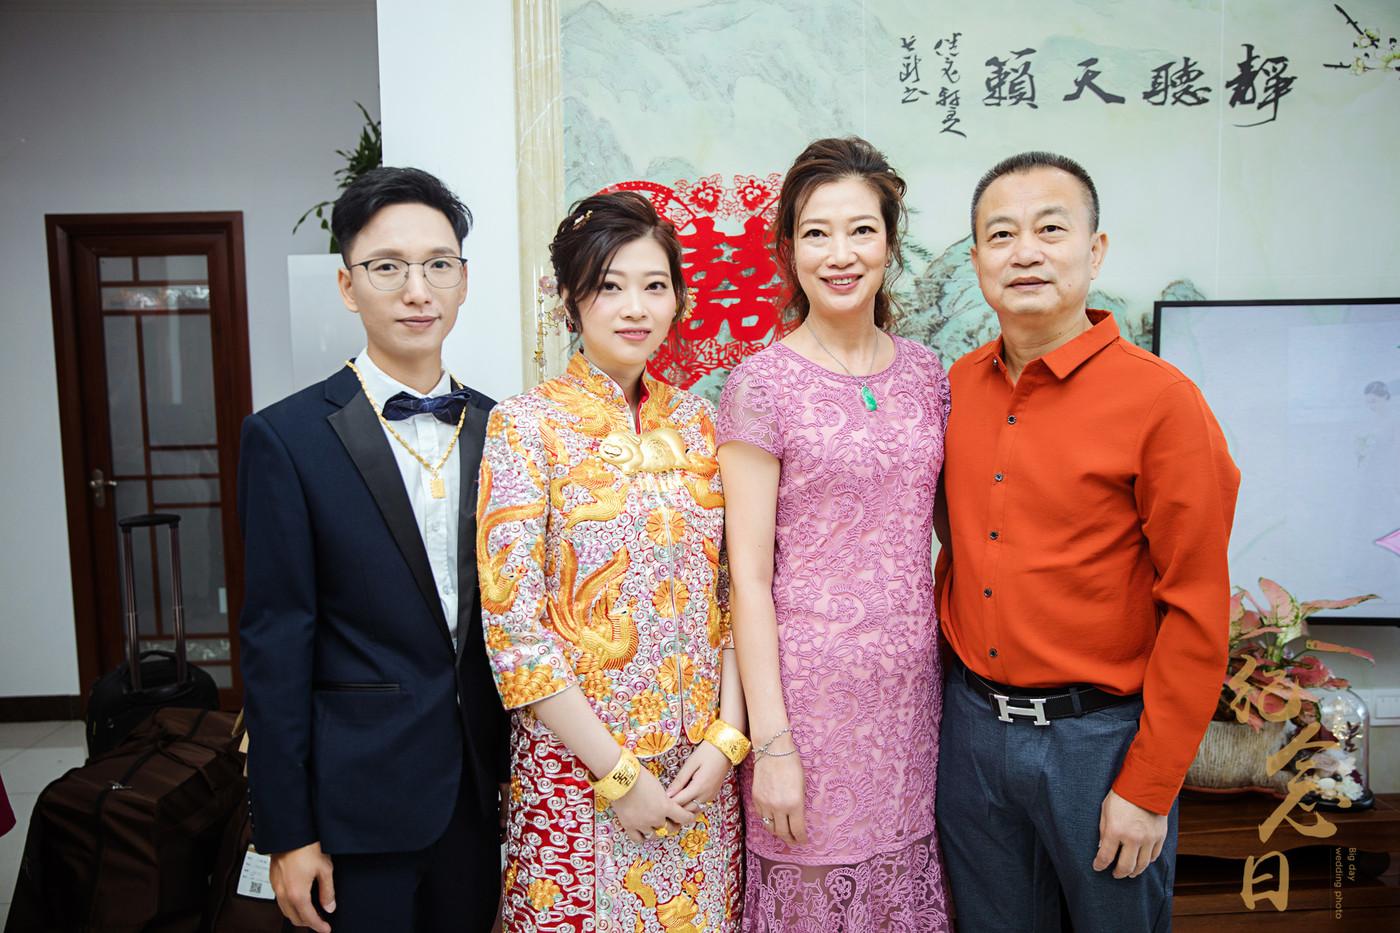 婚礼 | 志明&琳琳51